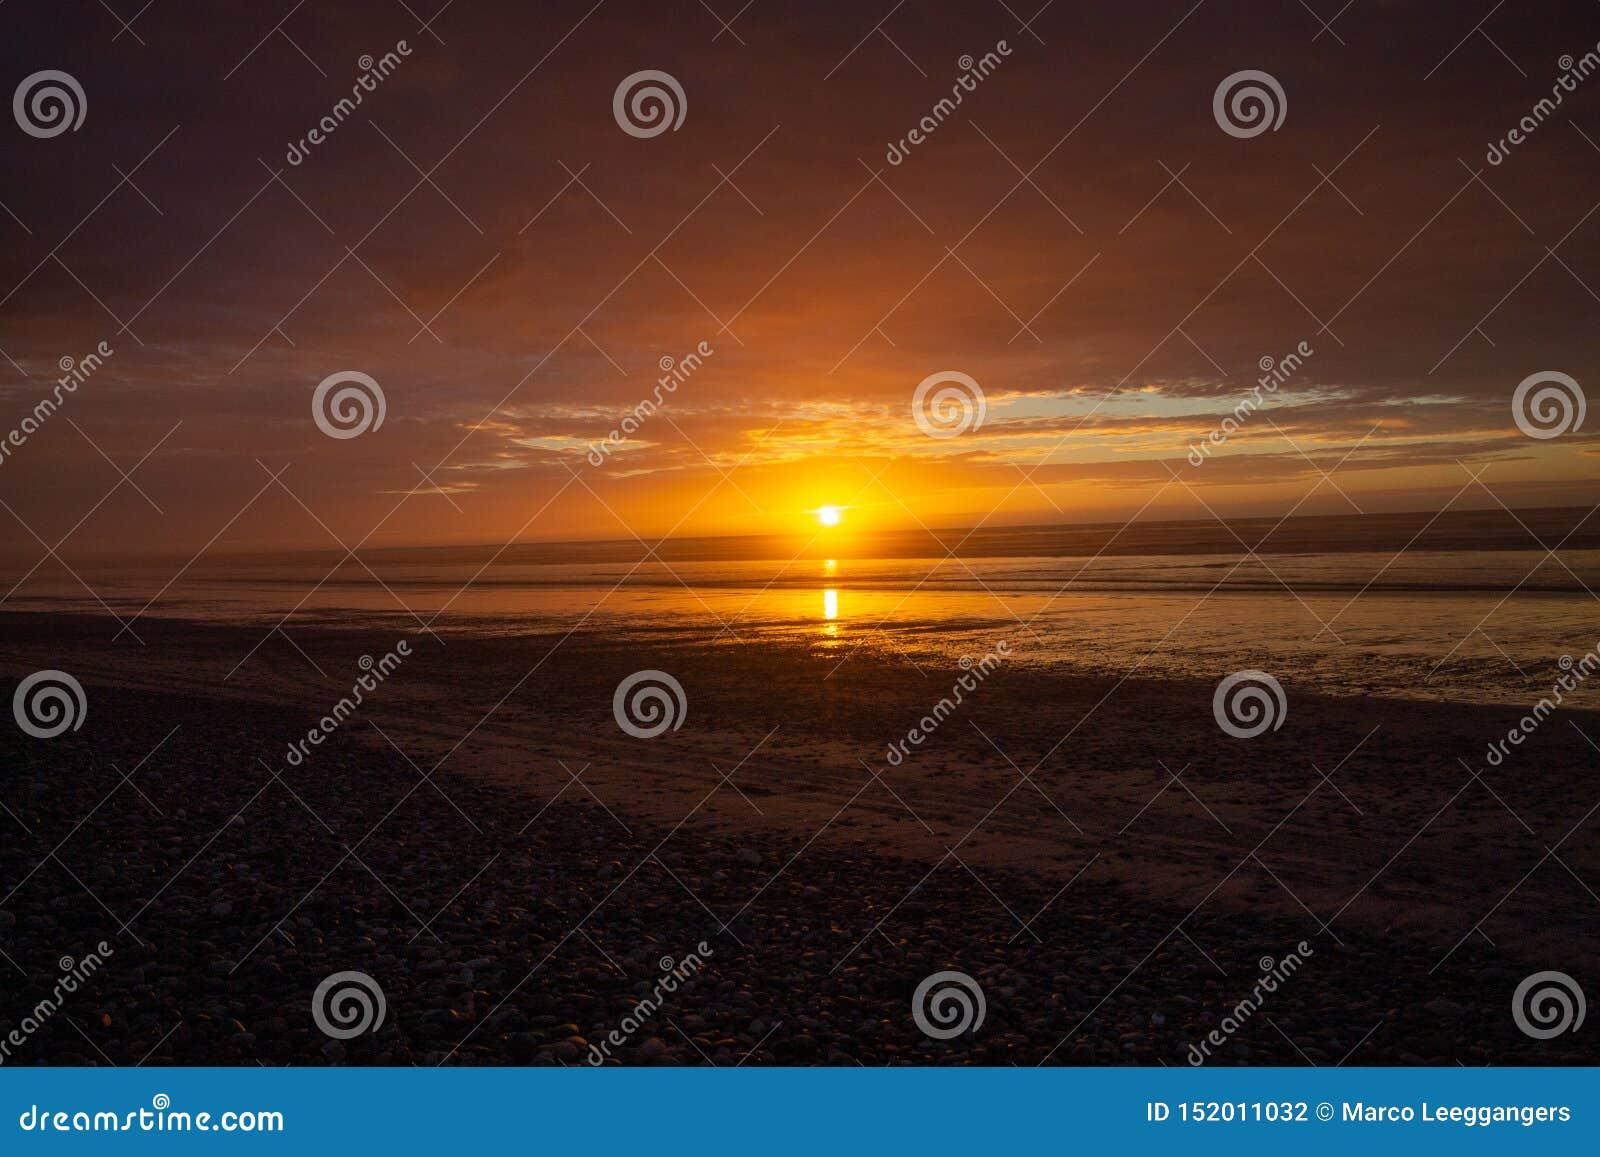 Tramonto o alba su una spiaggia in Granity